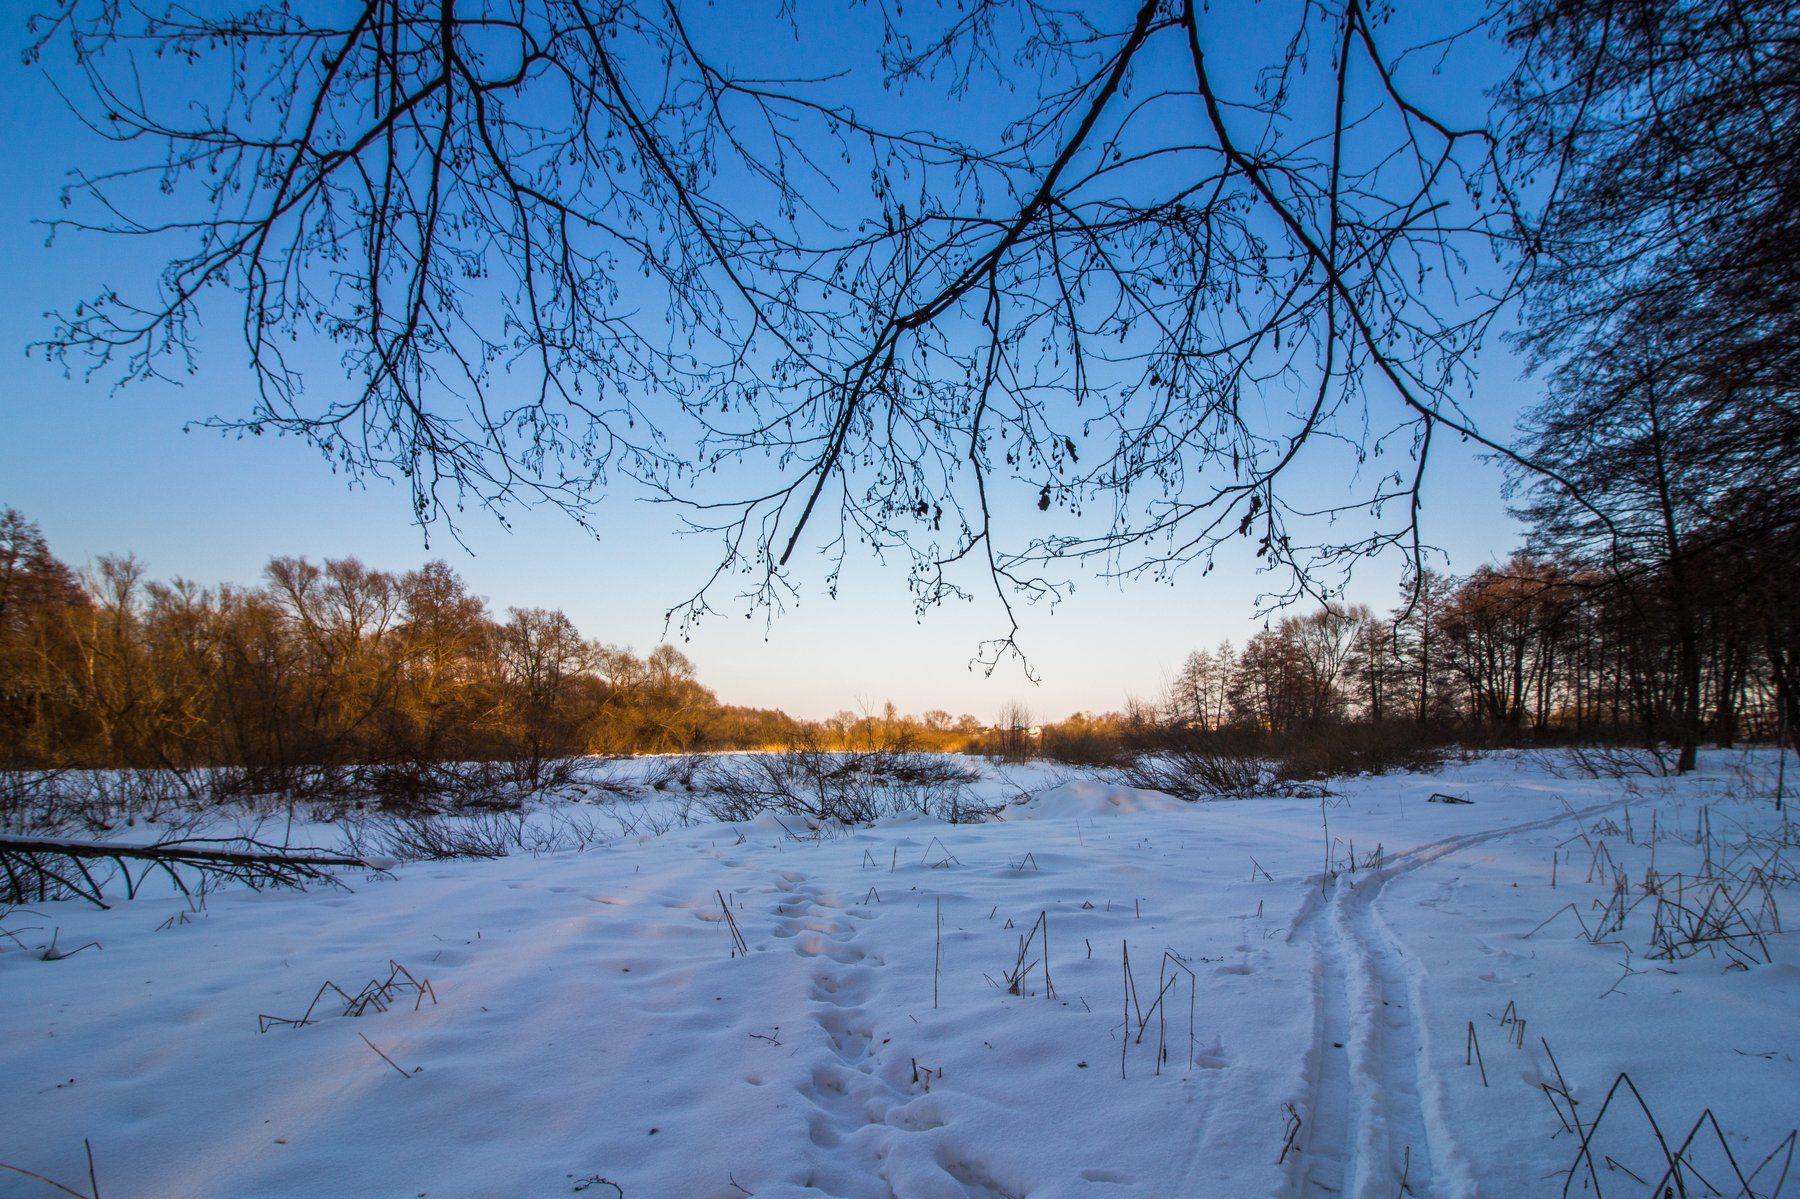 лес, снег, зима, лыжня, ольха, вечер, Руслан Востриков